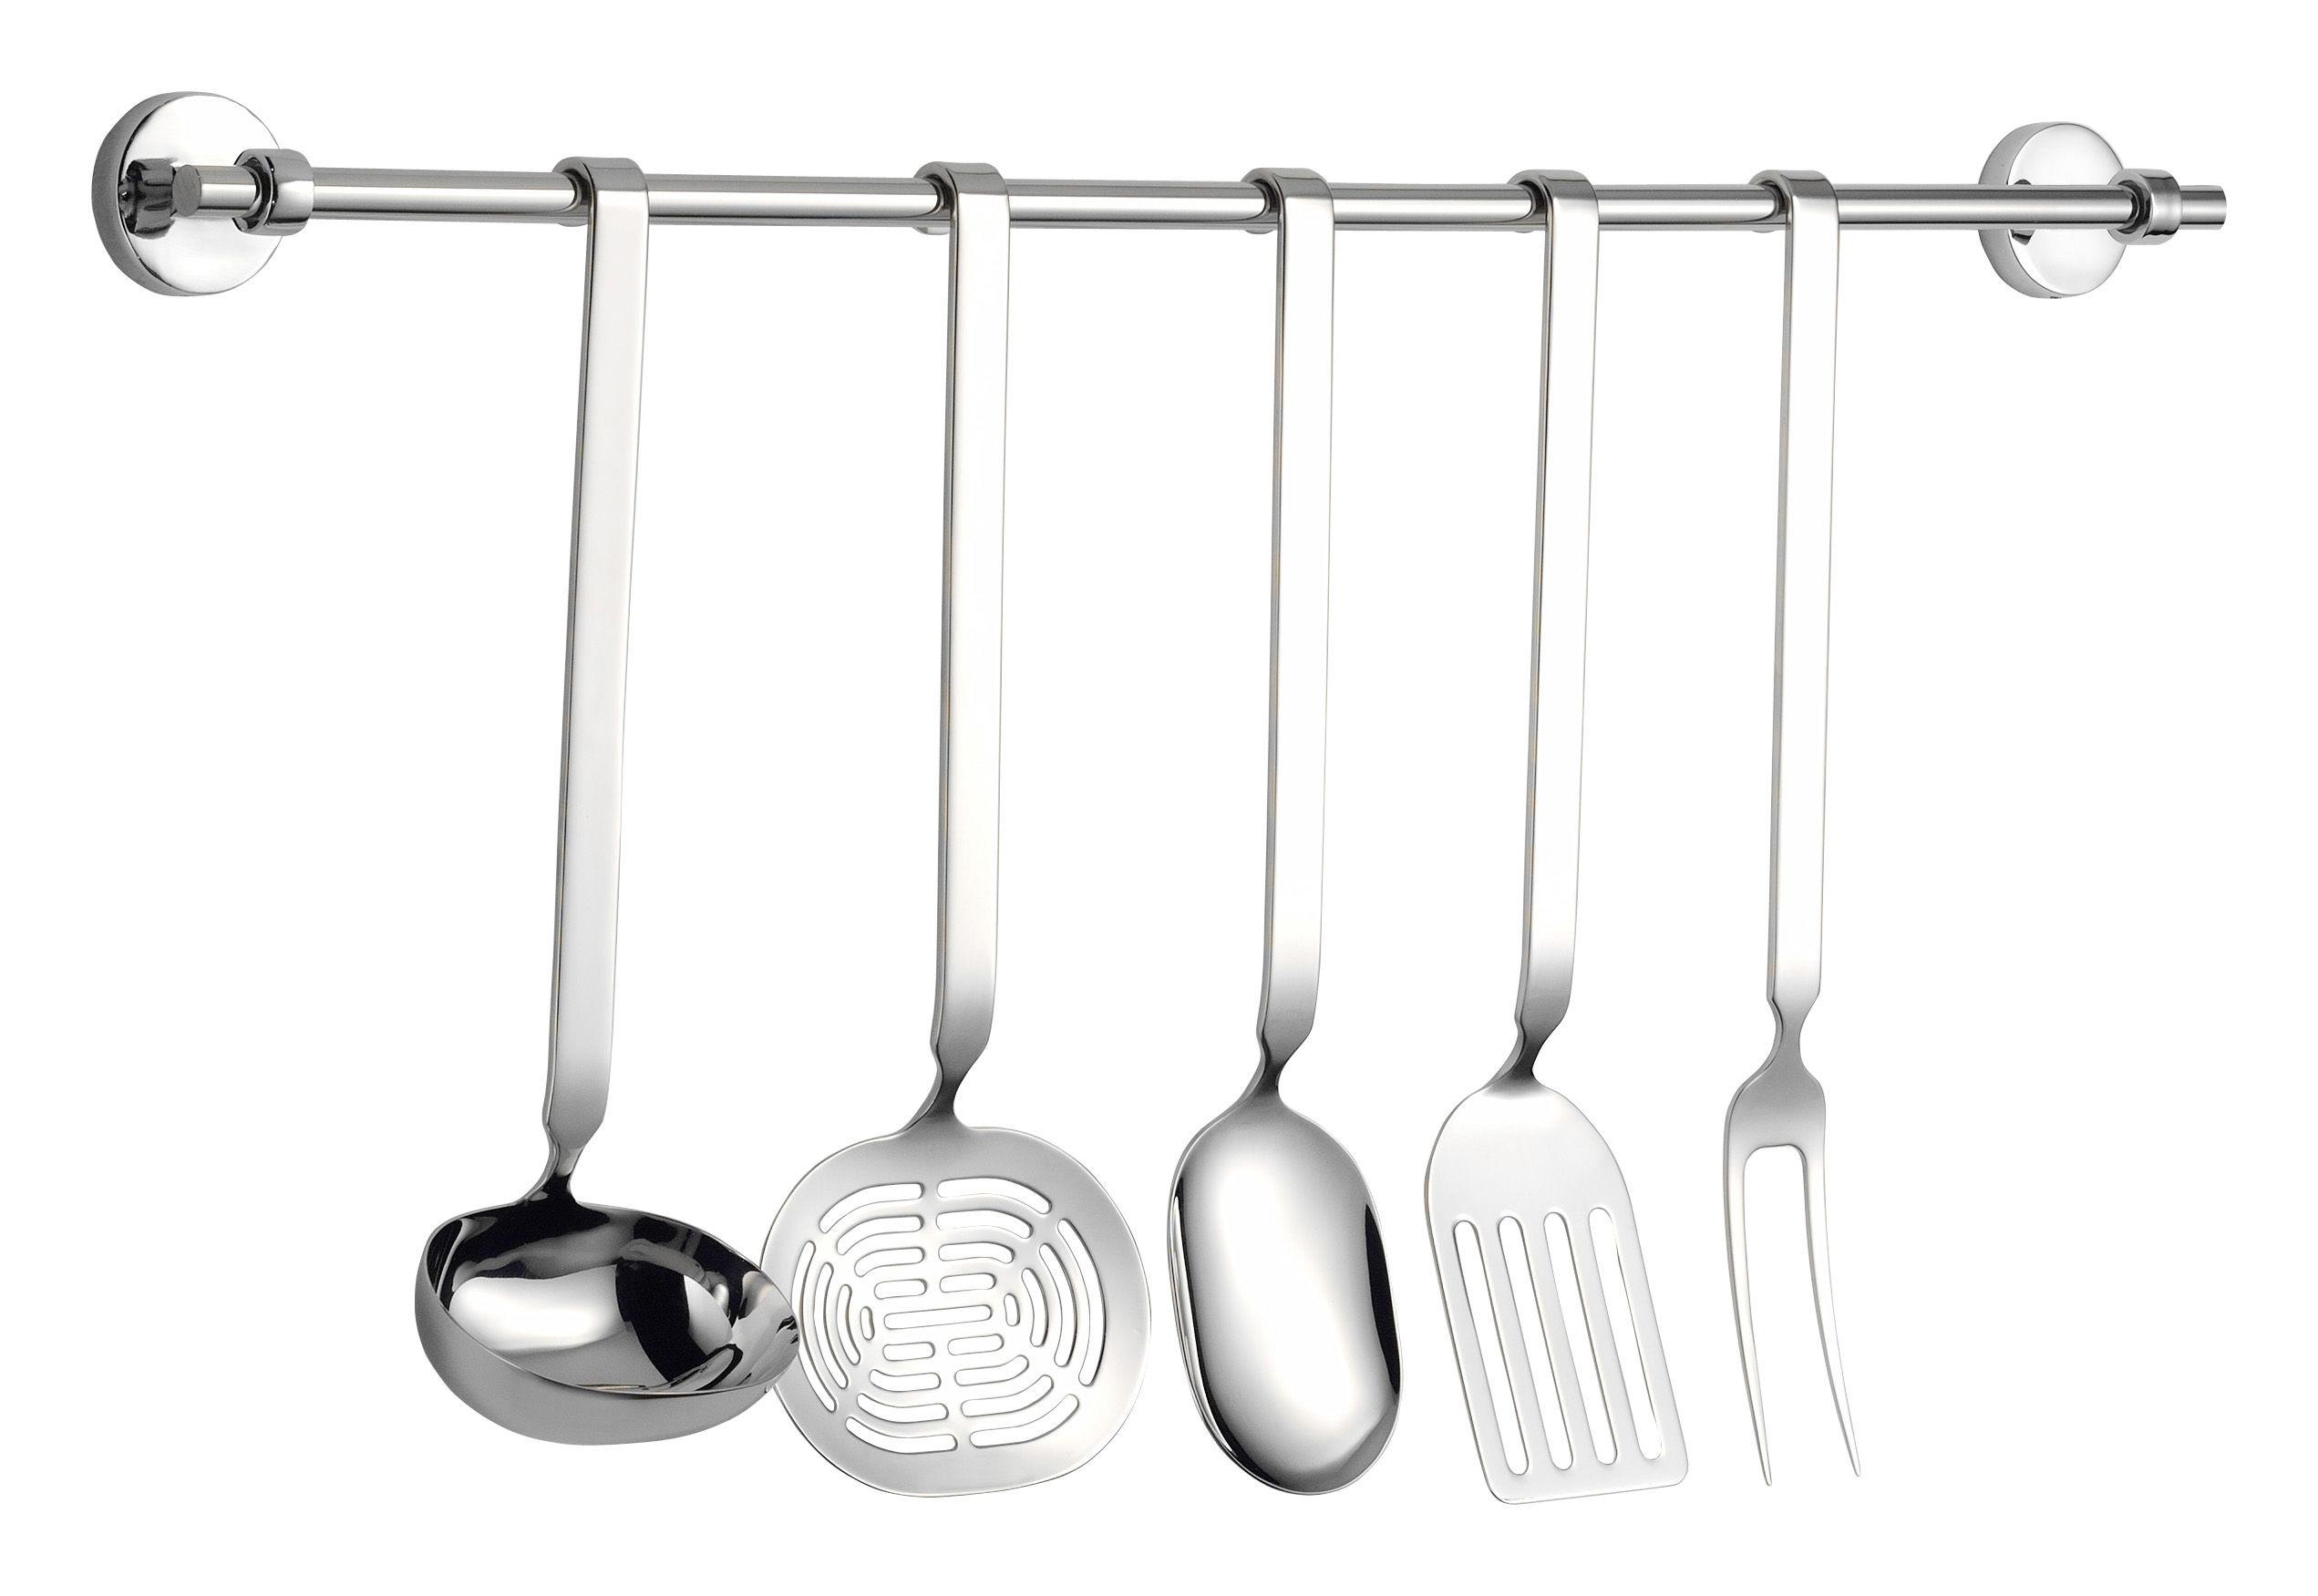 Set ustensiles de cuisine cinque stelle 5 pi ces inox for Set cuisine inox